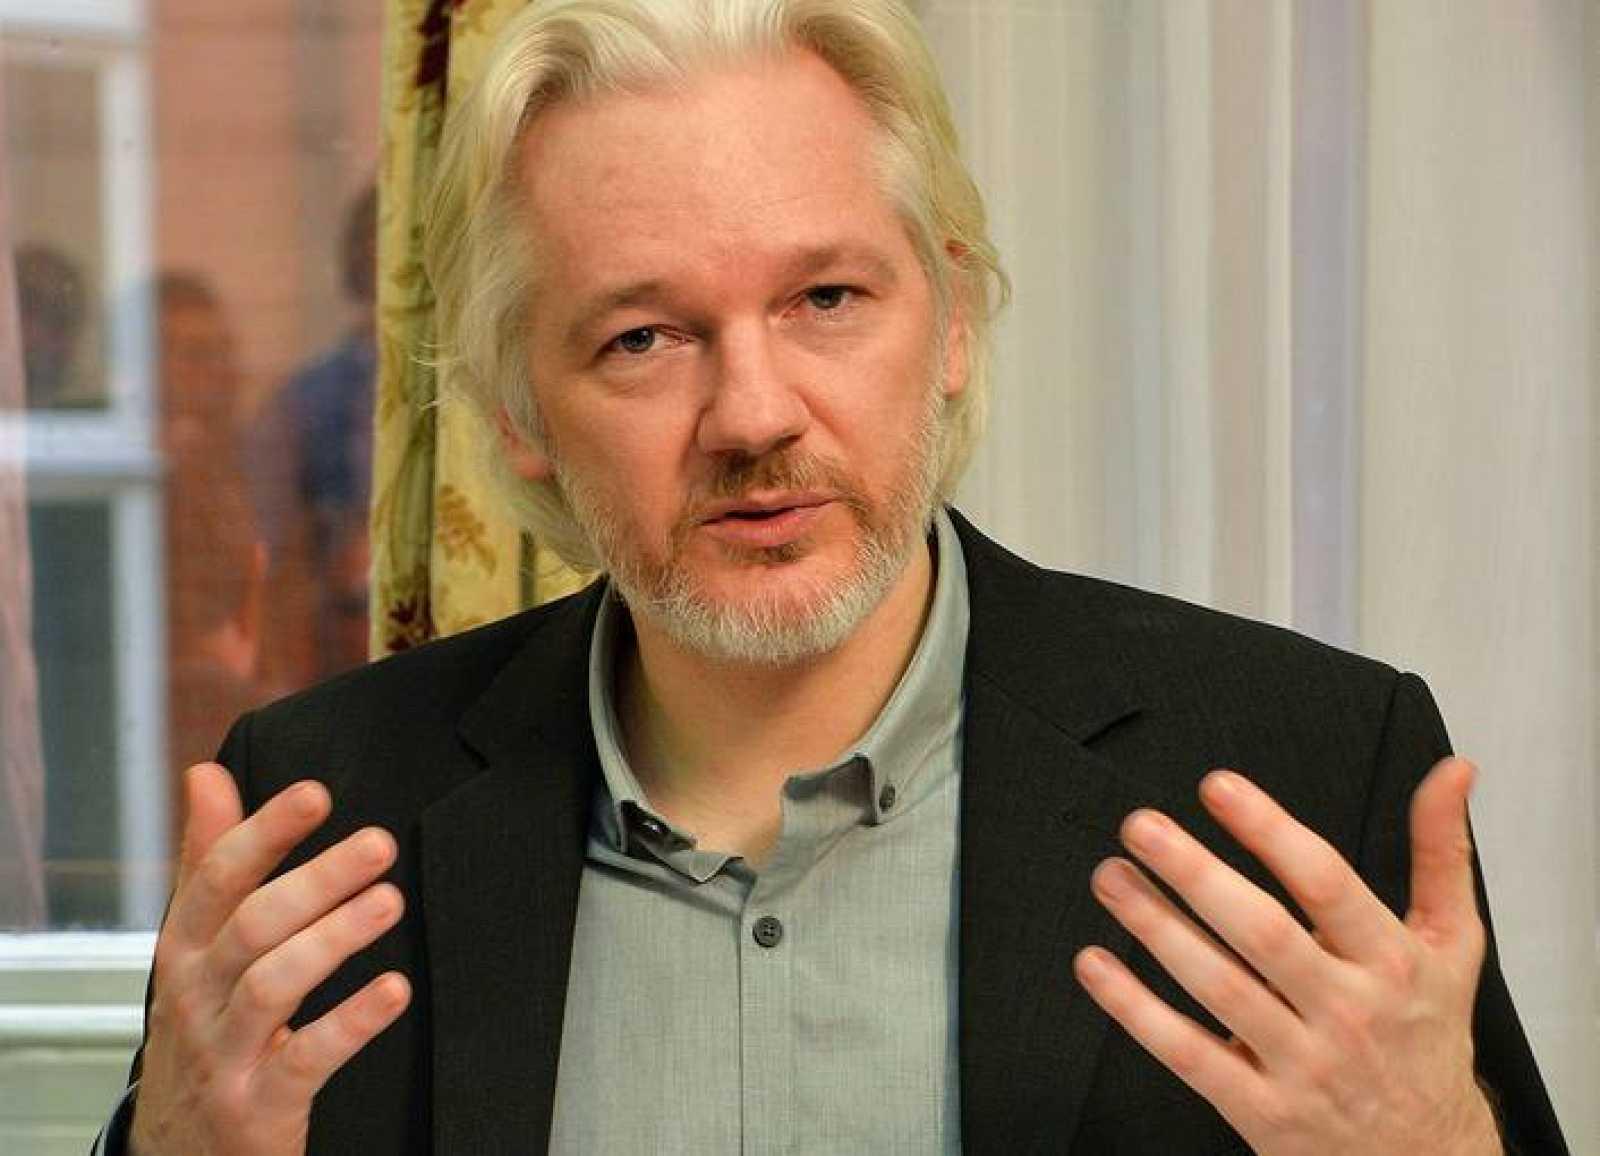 El fundador de Wikileaks, Julian Assange, en una fotografía de archvo